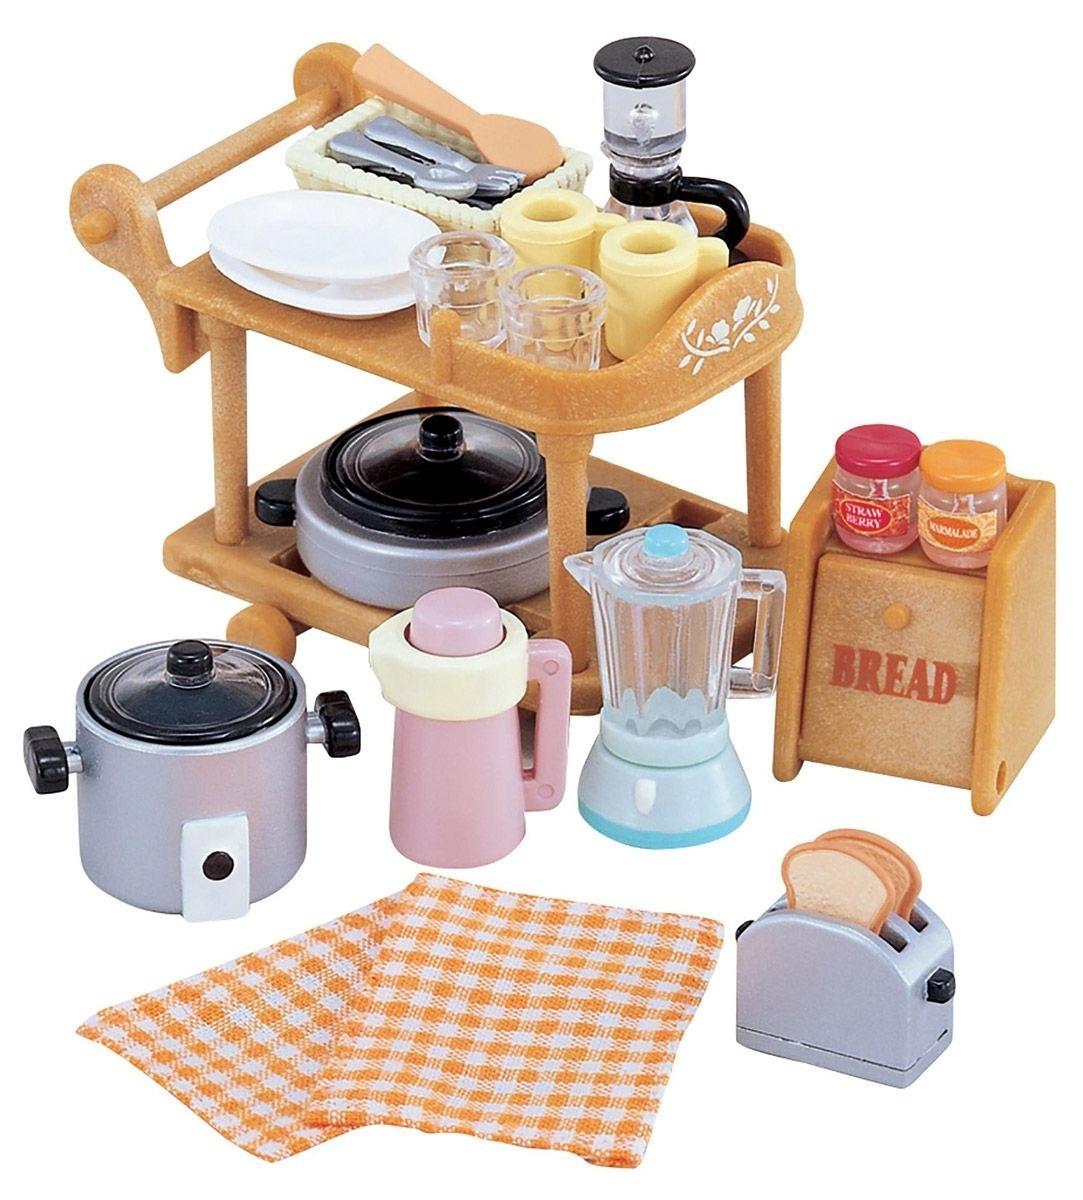 Набор Кухонная посудаИгровой набор Sylvanian Families Кухонная посуда привлечет внимание вашей малышки и не позволит ей скучать. Набор включает в себя тележку для кухонной посуды, кастрюли, блендер, тостер, хлебницу и другие кухонные приборы и принадлежности. Ваша малышка будет часами играть с набором, придумывая различные истории. Sylvanian Families - это целый мир маленьких жителей, объединенных общей легендой. Жители страны Sylvanian Families - это кролики, белки, медведи, лисы и многие другие. У каждого из них есть дом, в котором есть все необходимое для счастливой жизни. В городе, где живут герои, есть школа, больница, рынок, пекарня, детский сад и множество других полезных объектов. Жители этой страны живут семьями, в каждой из которой есть дети. В домах Sylvanian Families царит уют и гармония. Домашние животные радуют хозяев. Здесь продумана каждая мелочь, от одежды до мебели и аксессуаров. Характеристики: Материал: пластик, текстиль.Размер тележки (ДхШхВ): 6 см х 4,5 см х 4,5 см.<br>